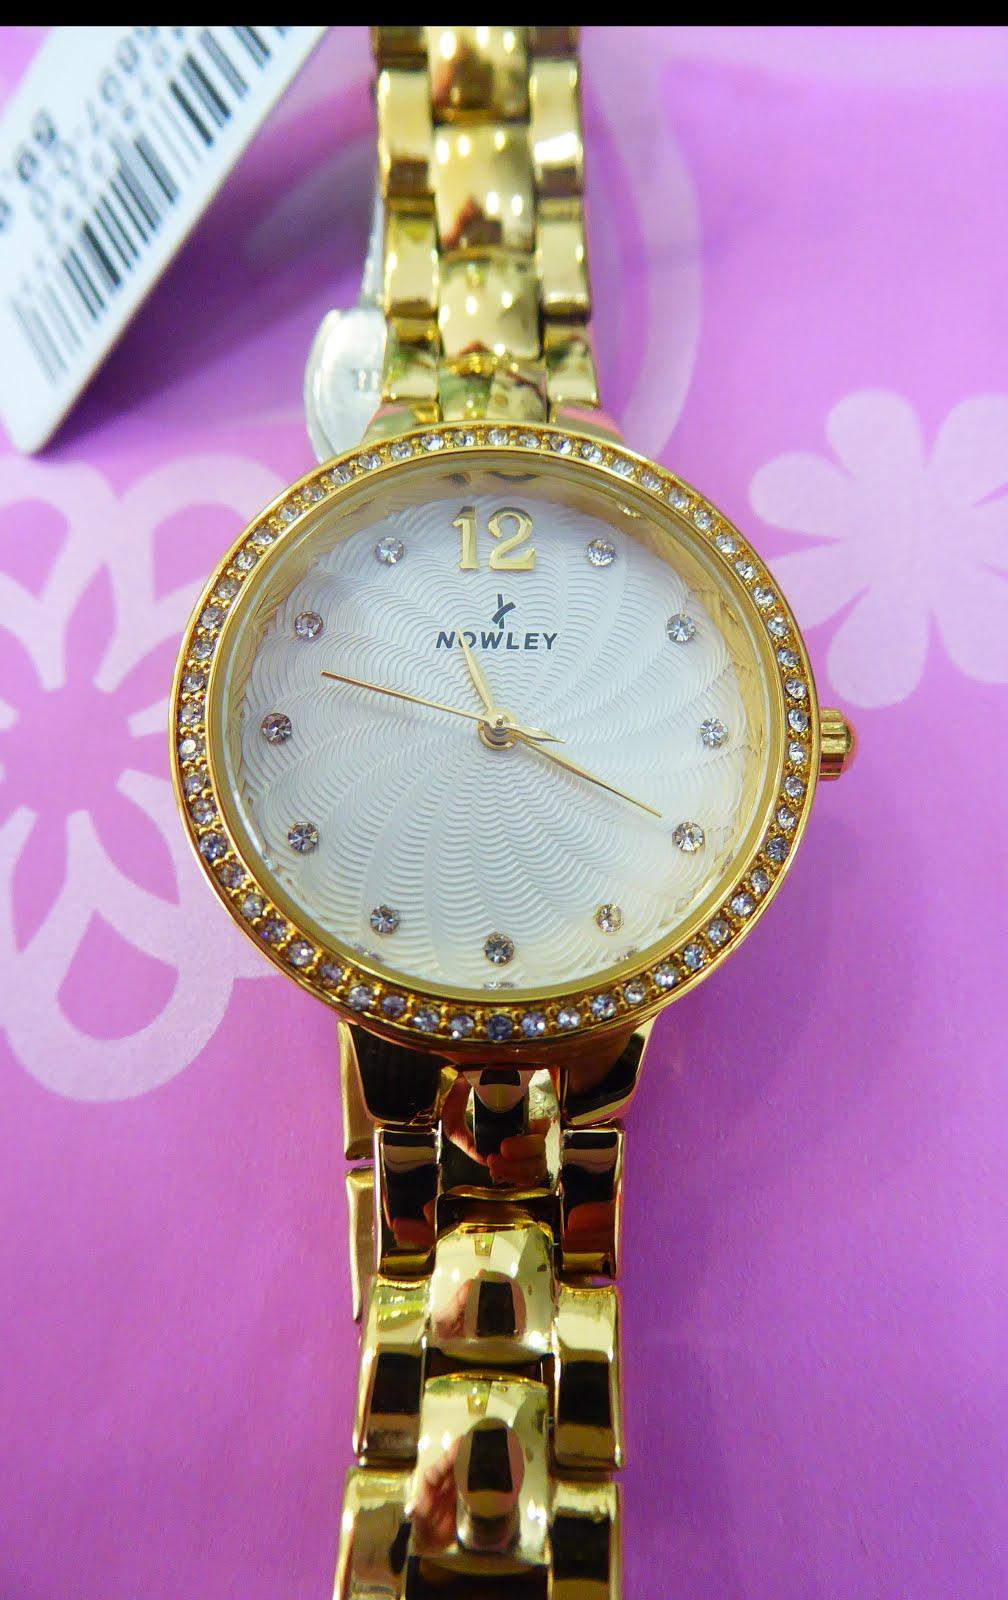 Reloj Nowley, acero dorado libre de niquel